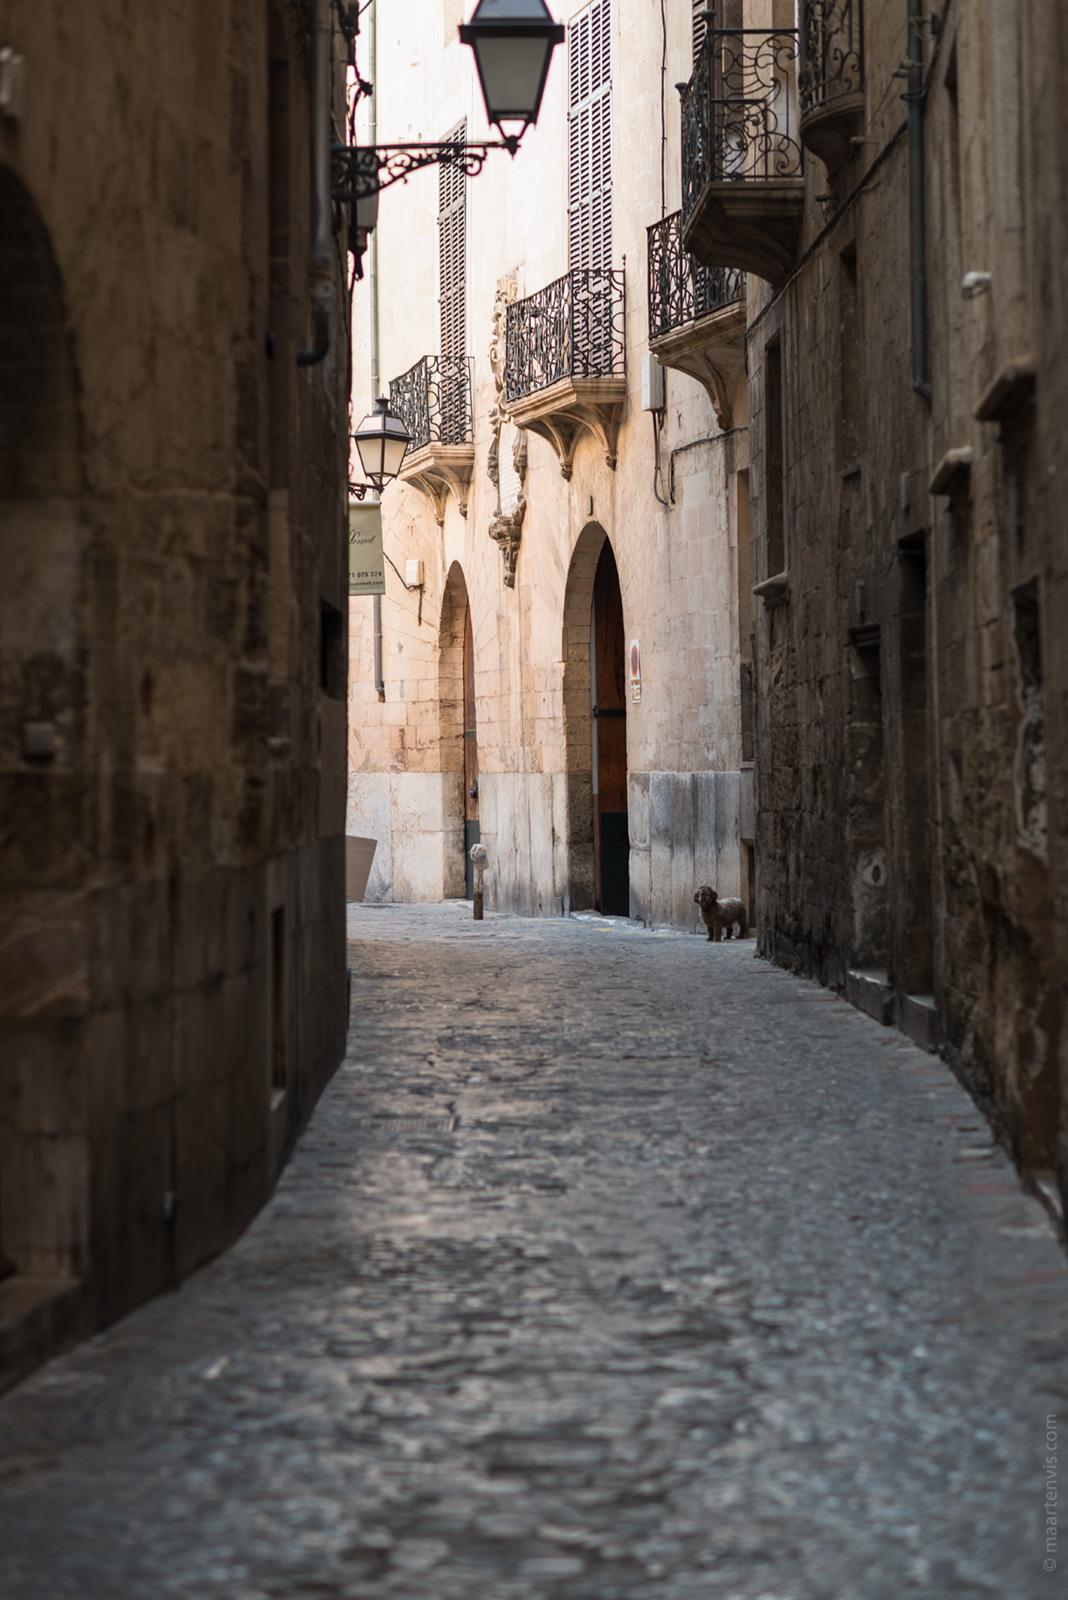 20161001 3193 - Palma de Mallorca